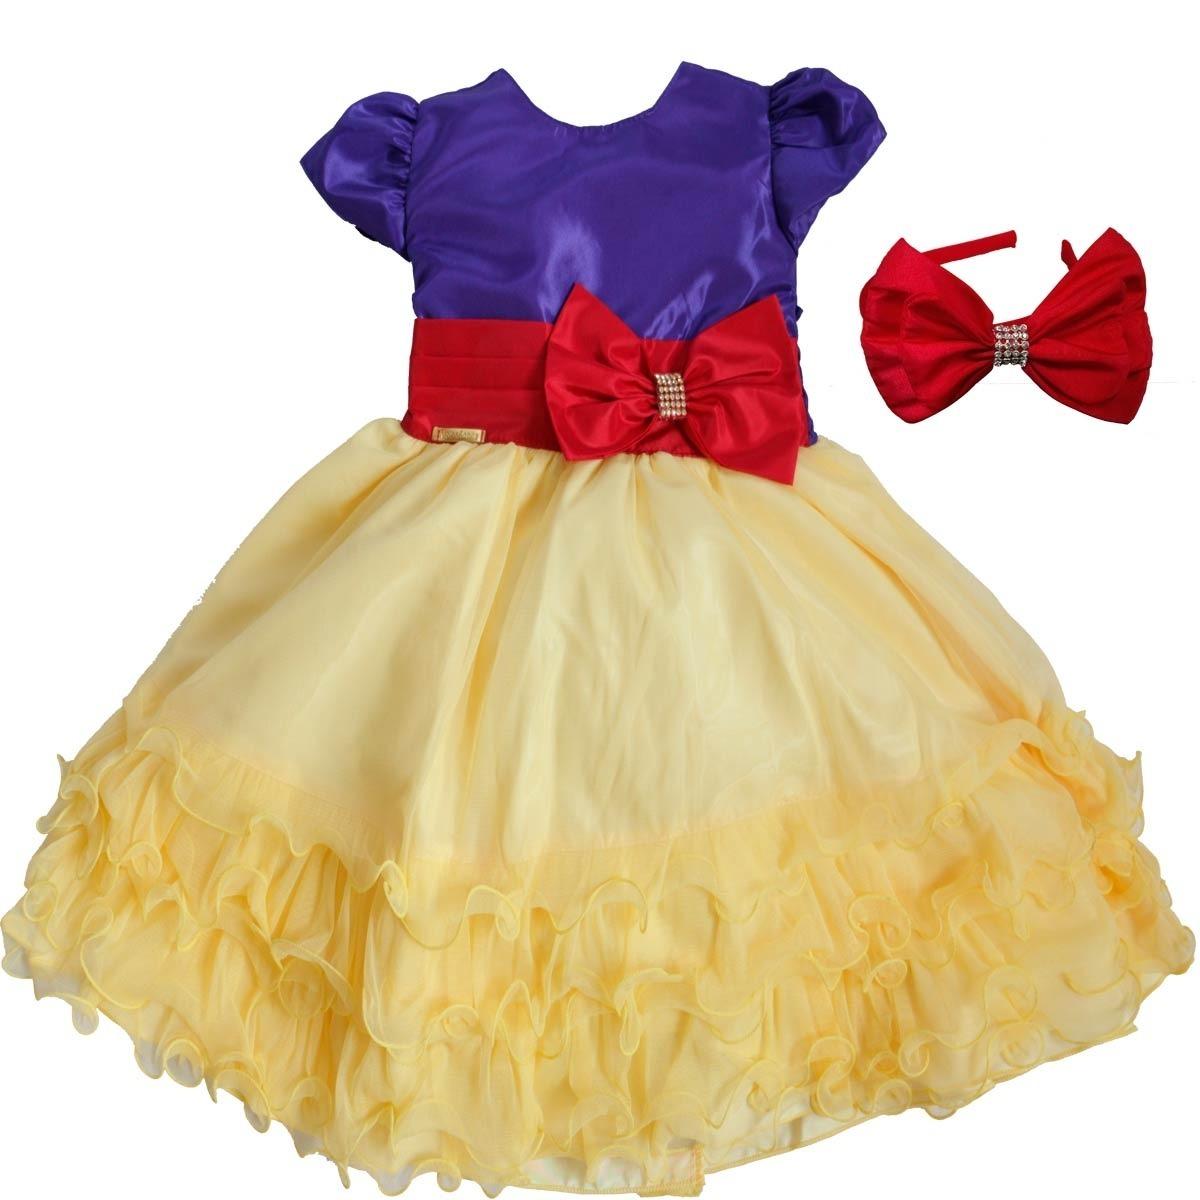 31b1f432a vestido branca de neve infantil luxuoso para festa com tiara. Carregando  zoom.